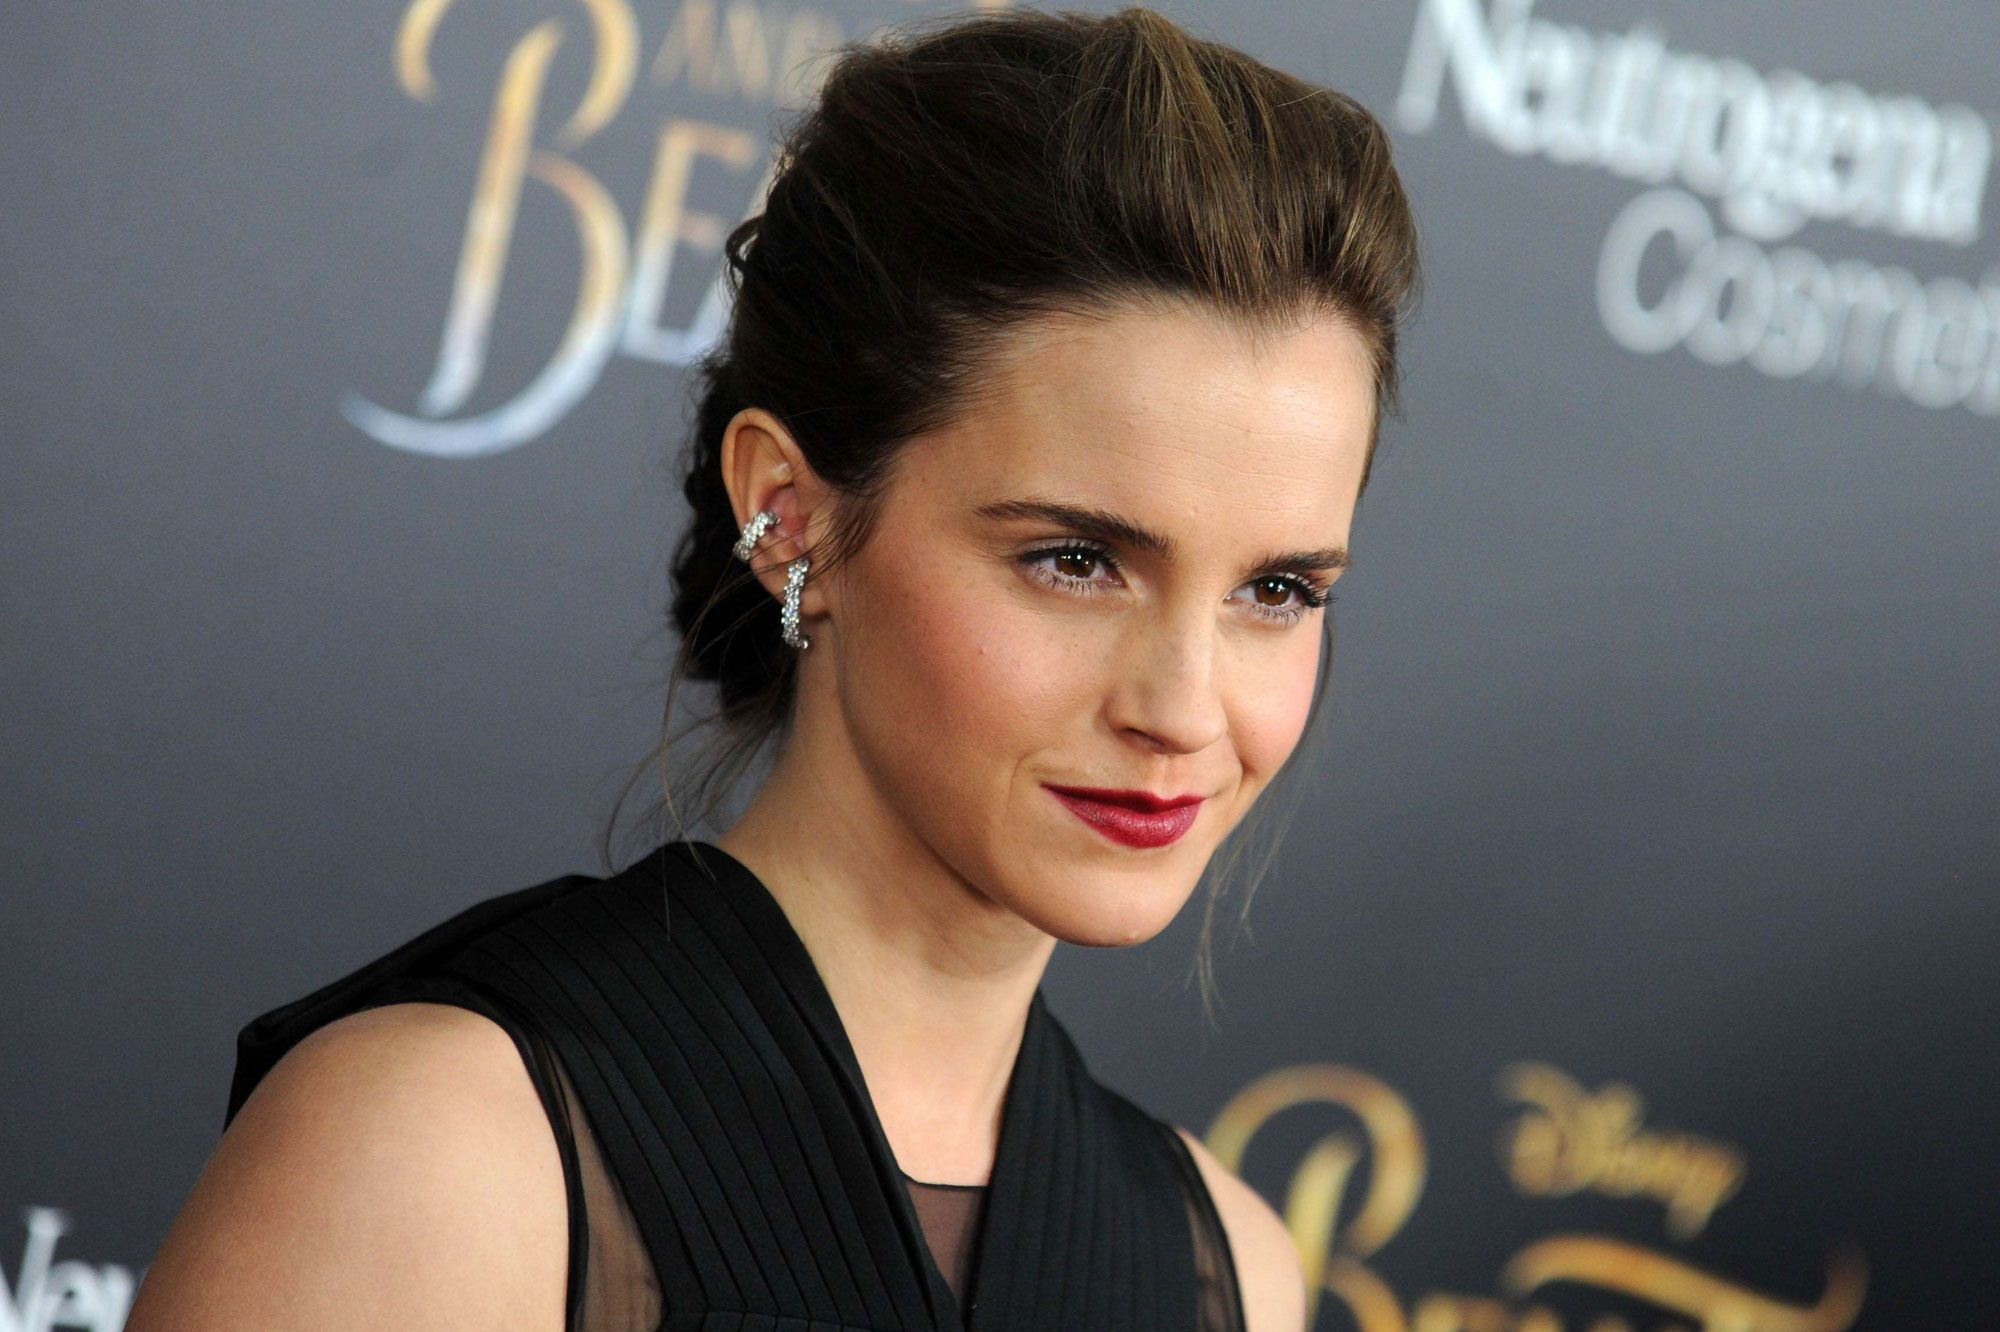 Non, Emma Watson ne met pas fin à sa carrière d'actrice